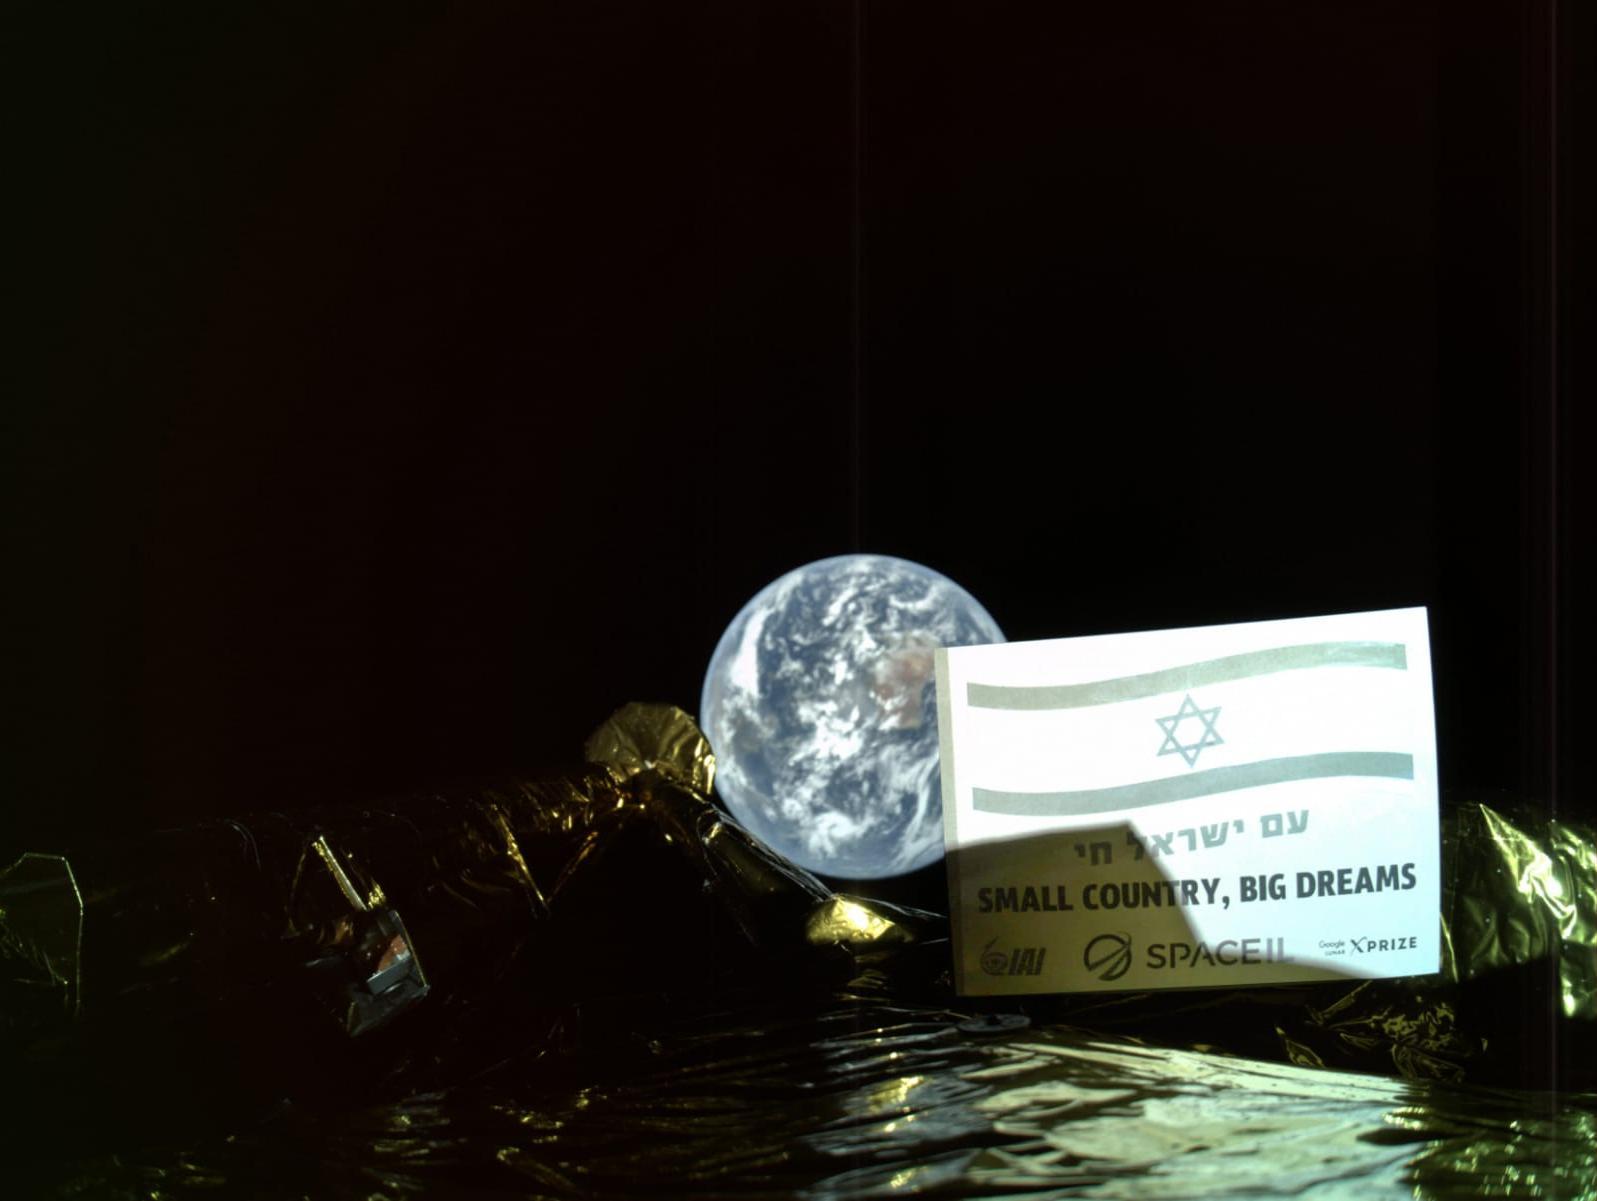 רגע לפני הנחיתה על הירח: התמרון המכריע של החללית